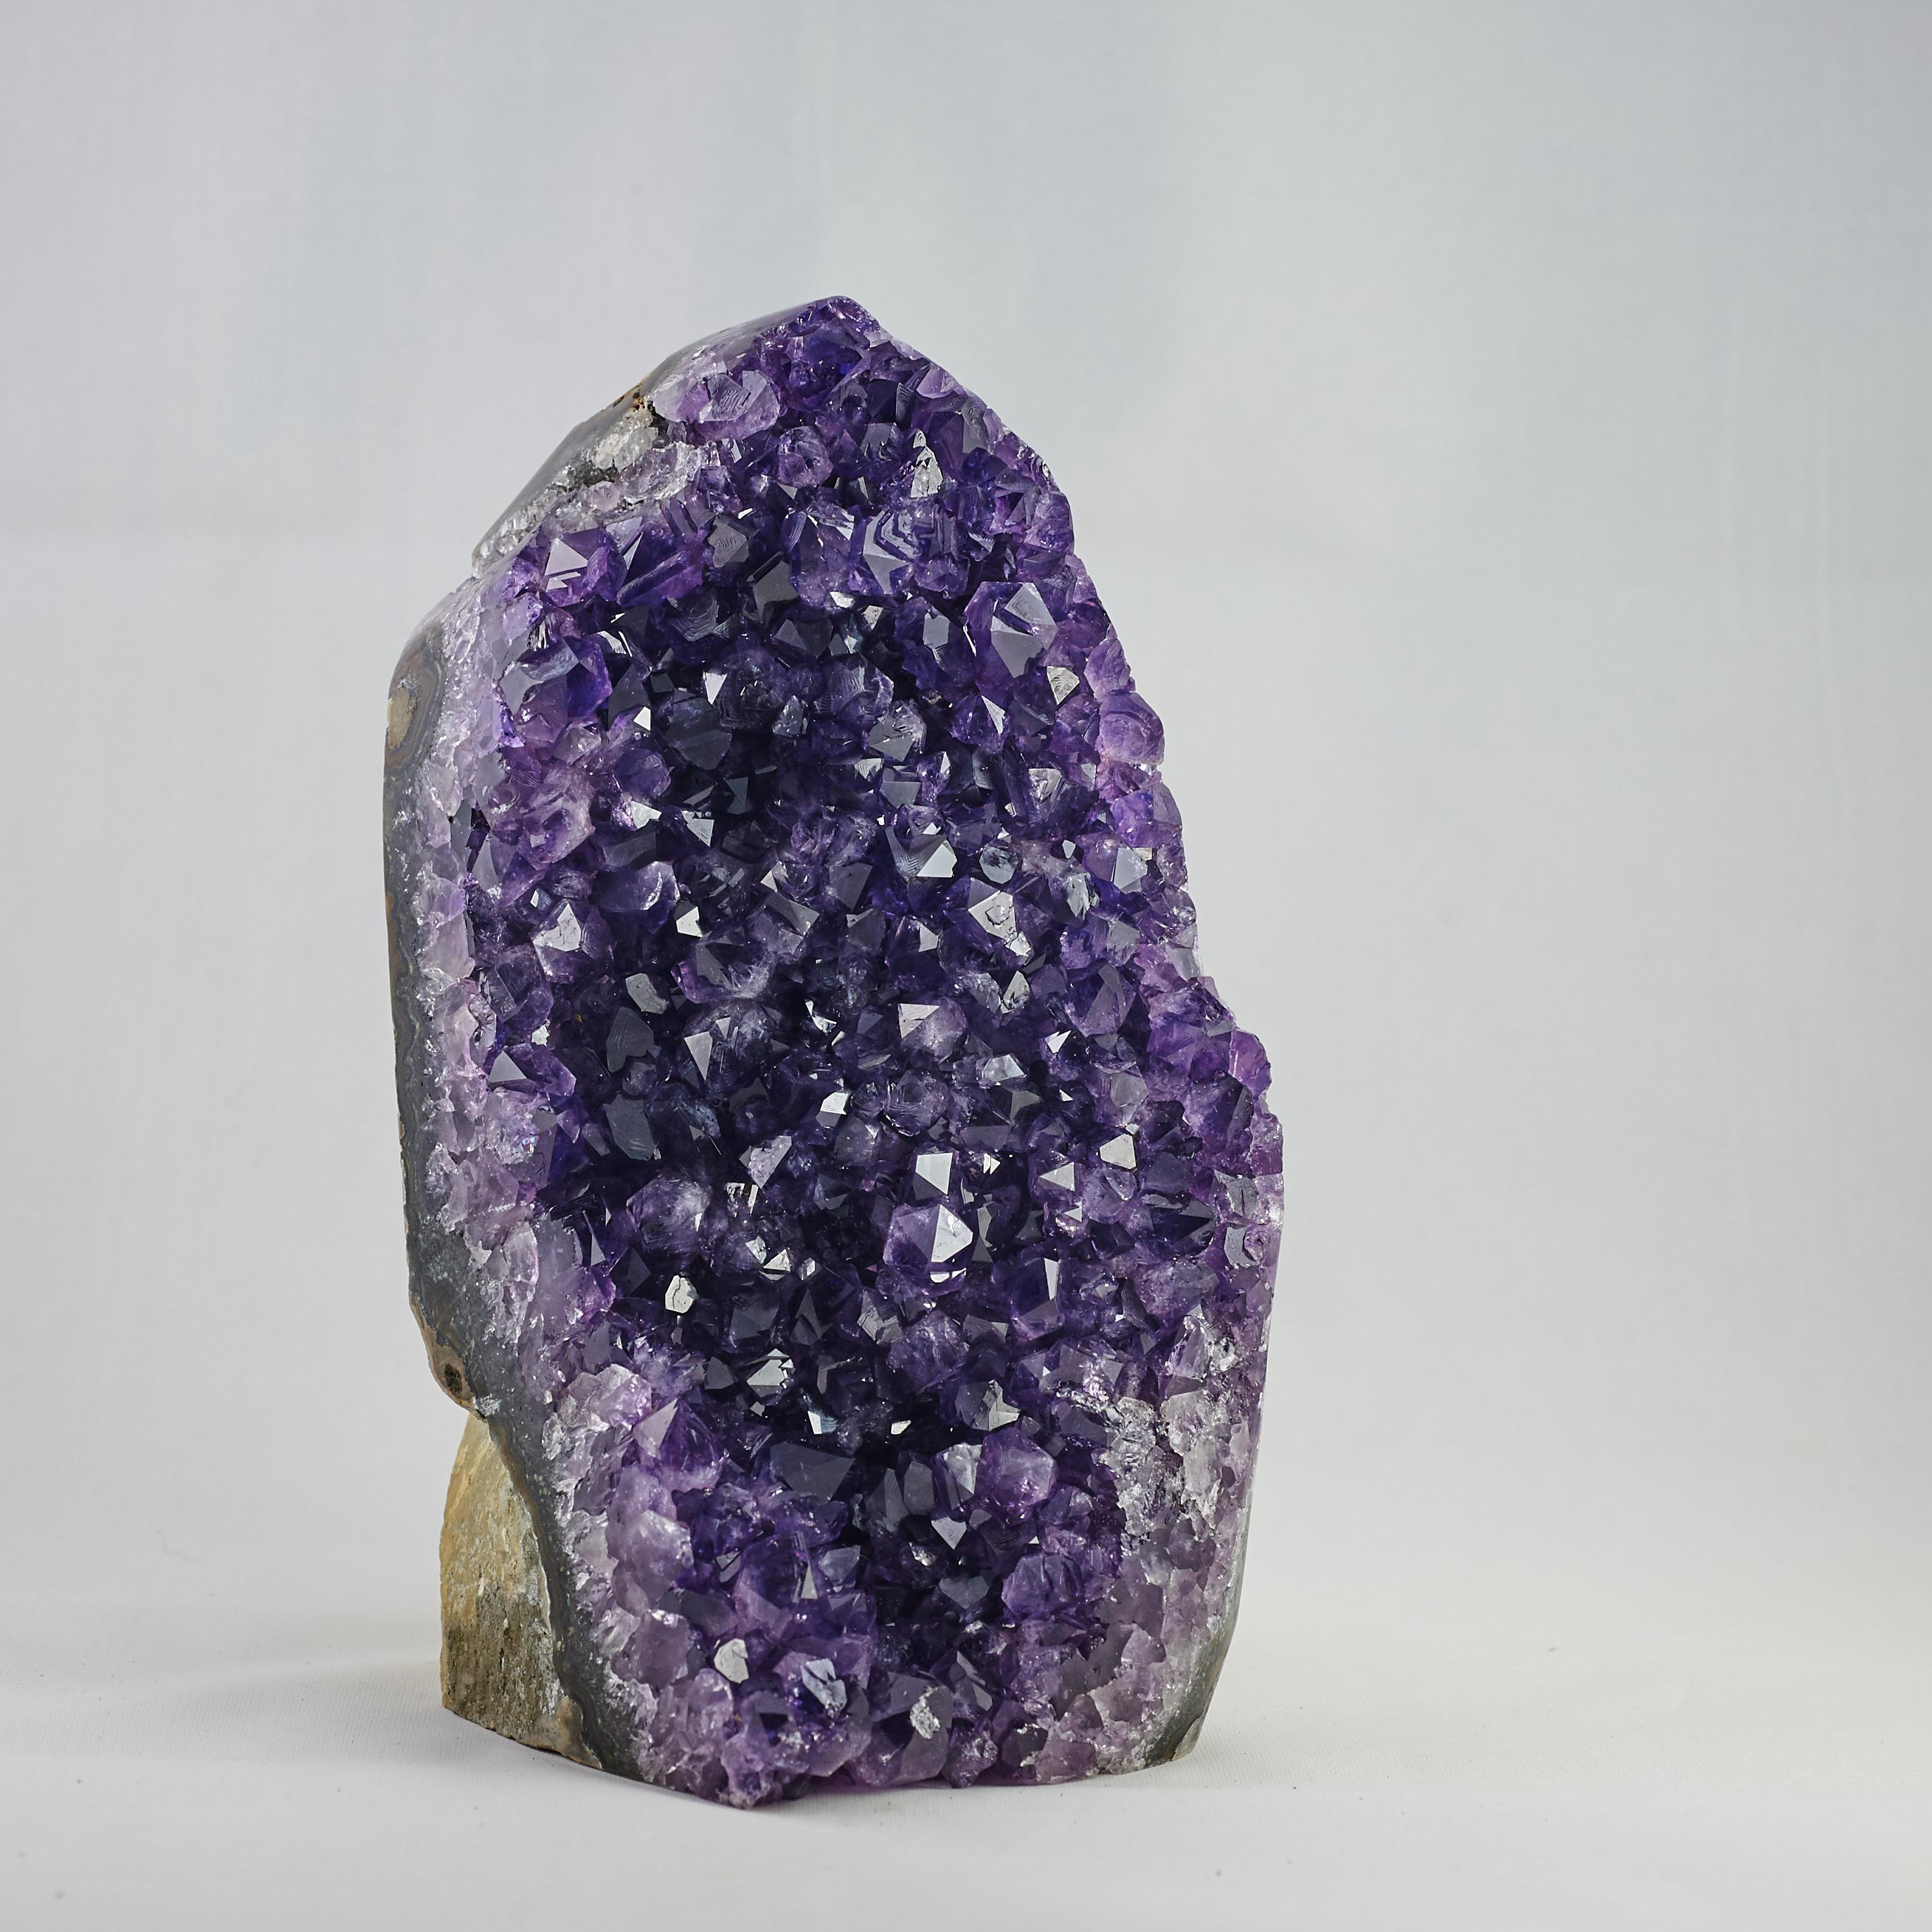 Amethyst Geode .jpg 00011_1